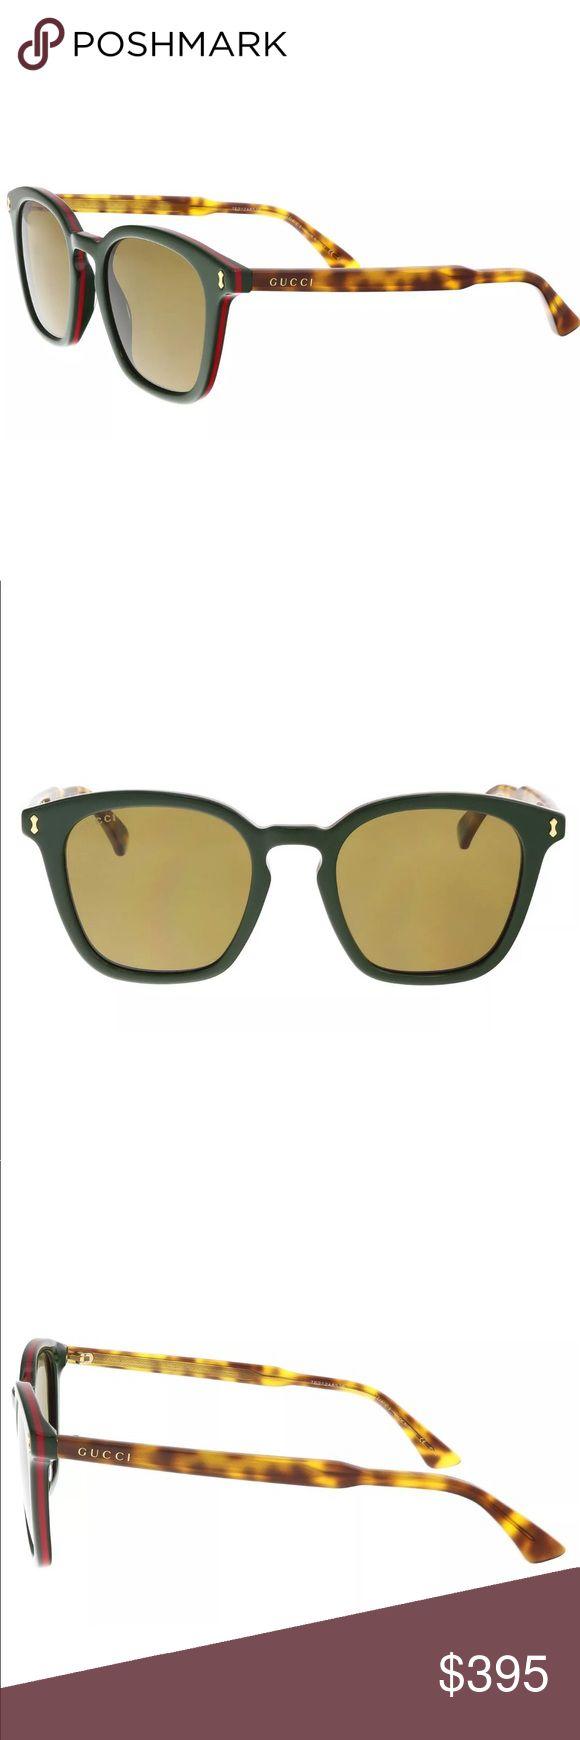 4dd66e110b Gucci Unisex Gg0125s 49mm Sunglasses